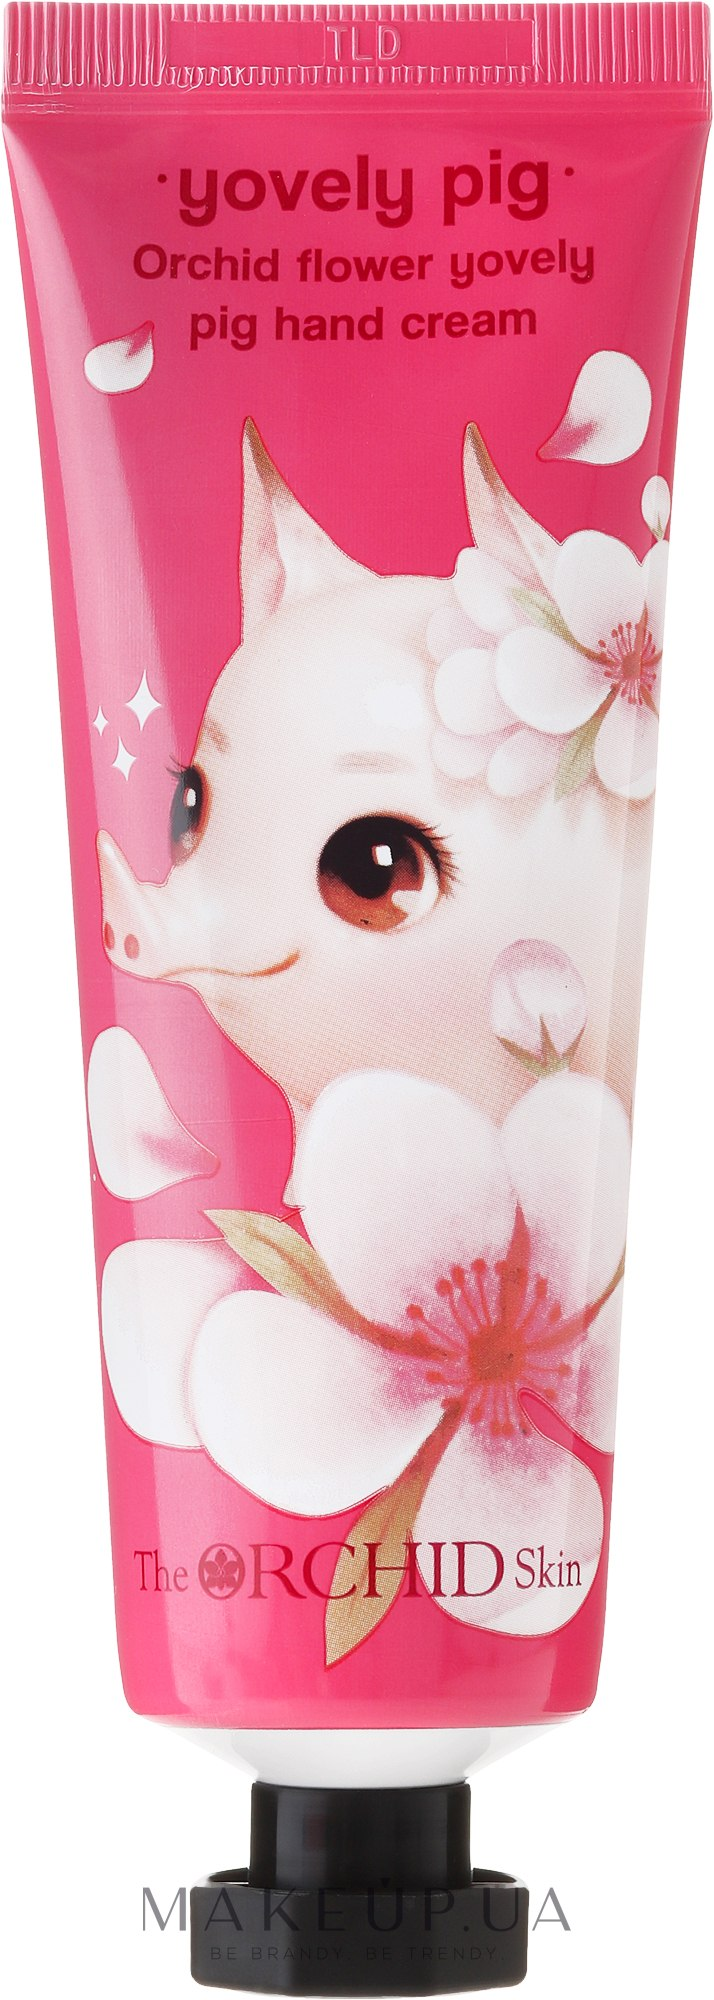 Крем для рук увлажняющий - The Orchid Skin Orchid Flower Yovely Pig Hand Cream — фото 60ml